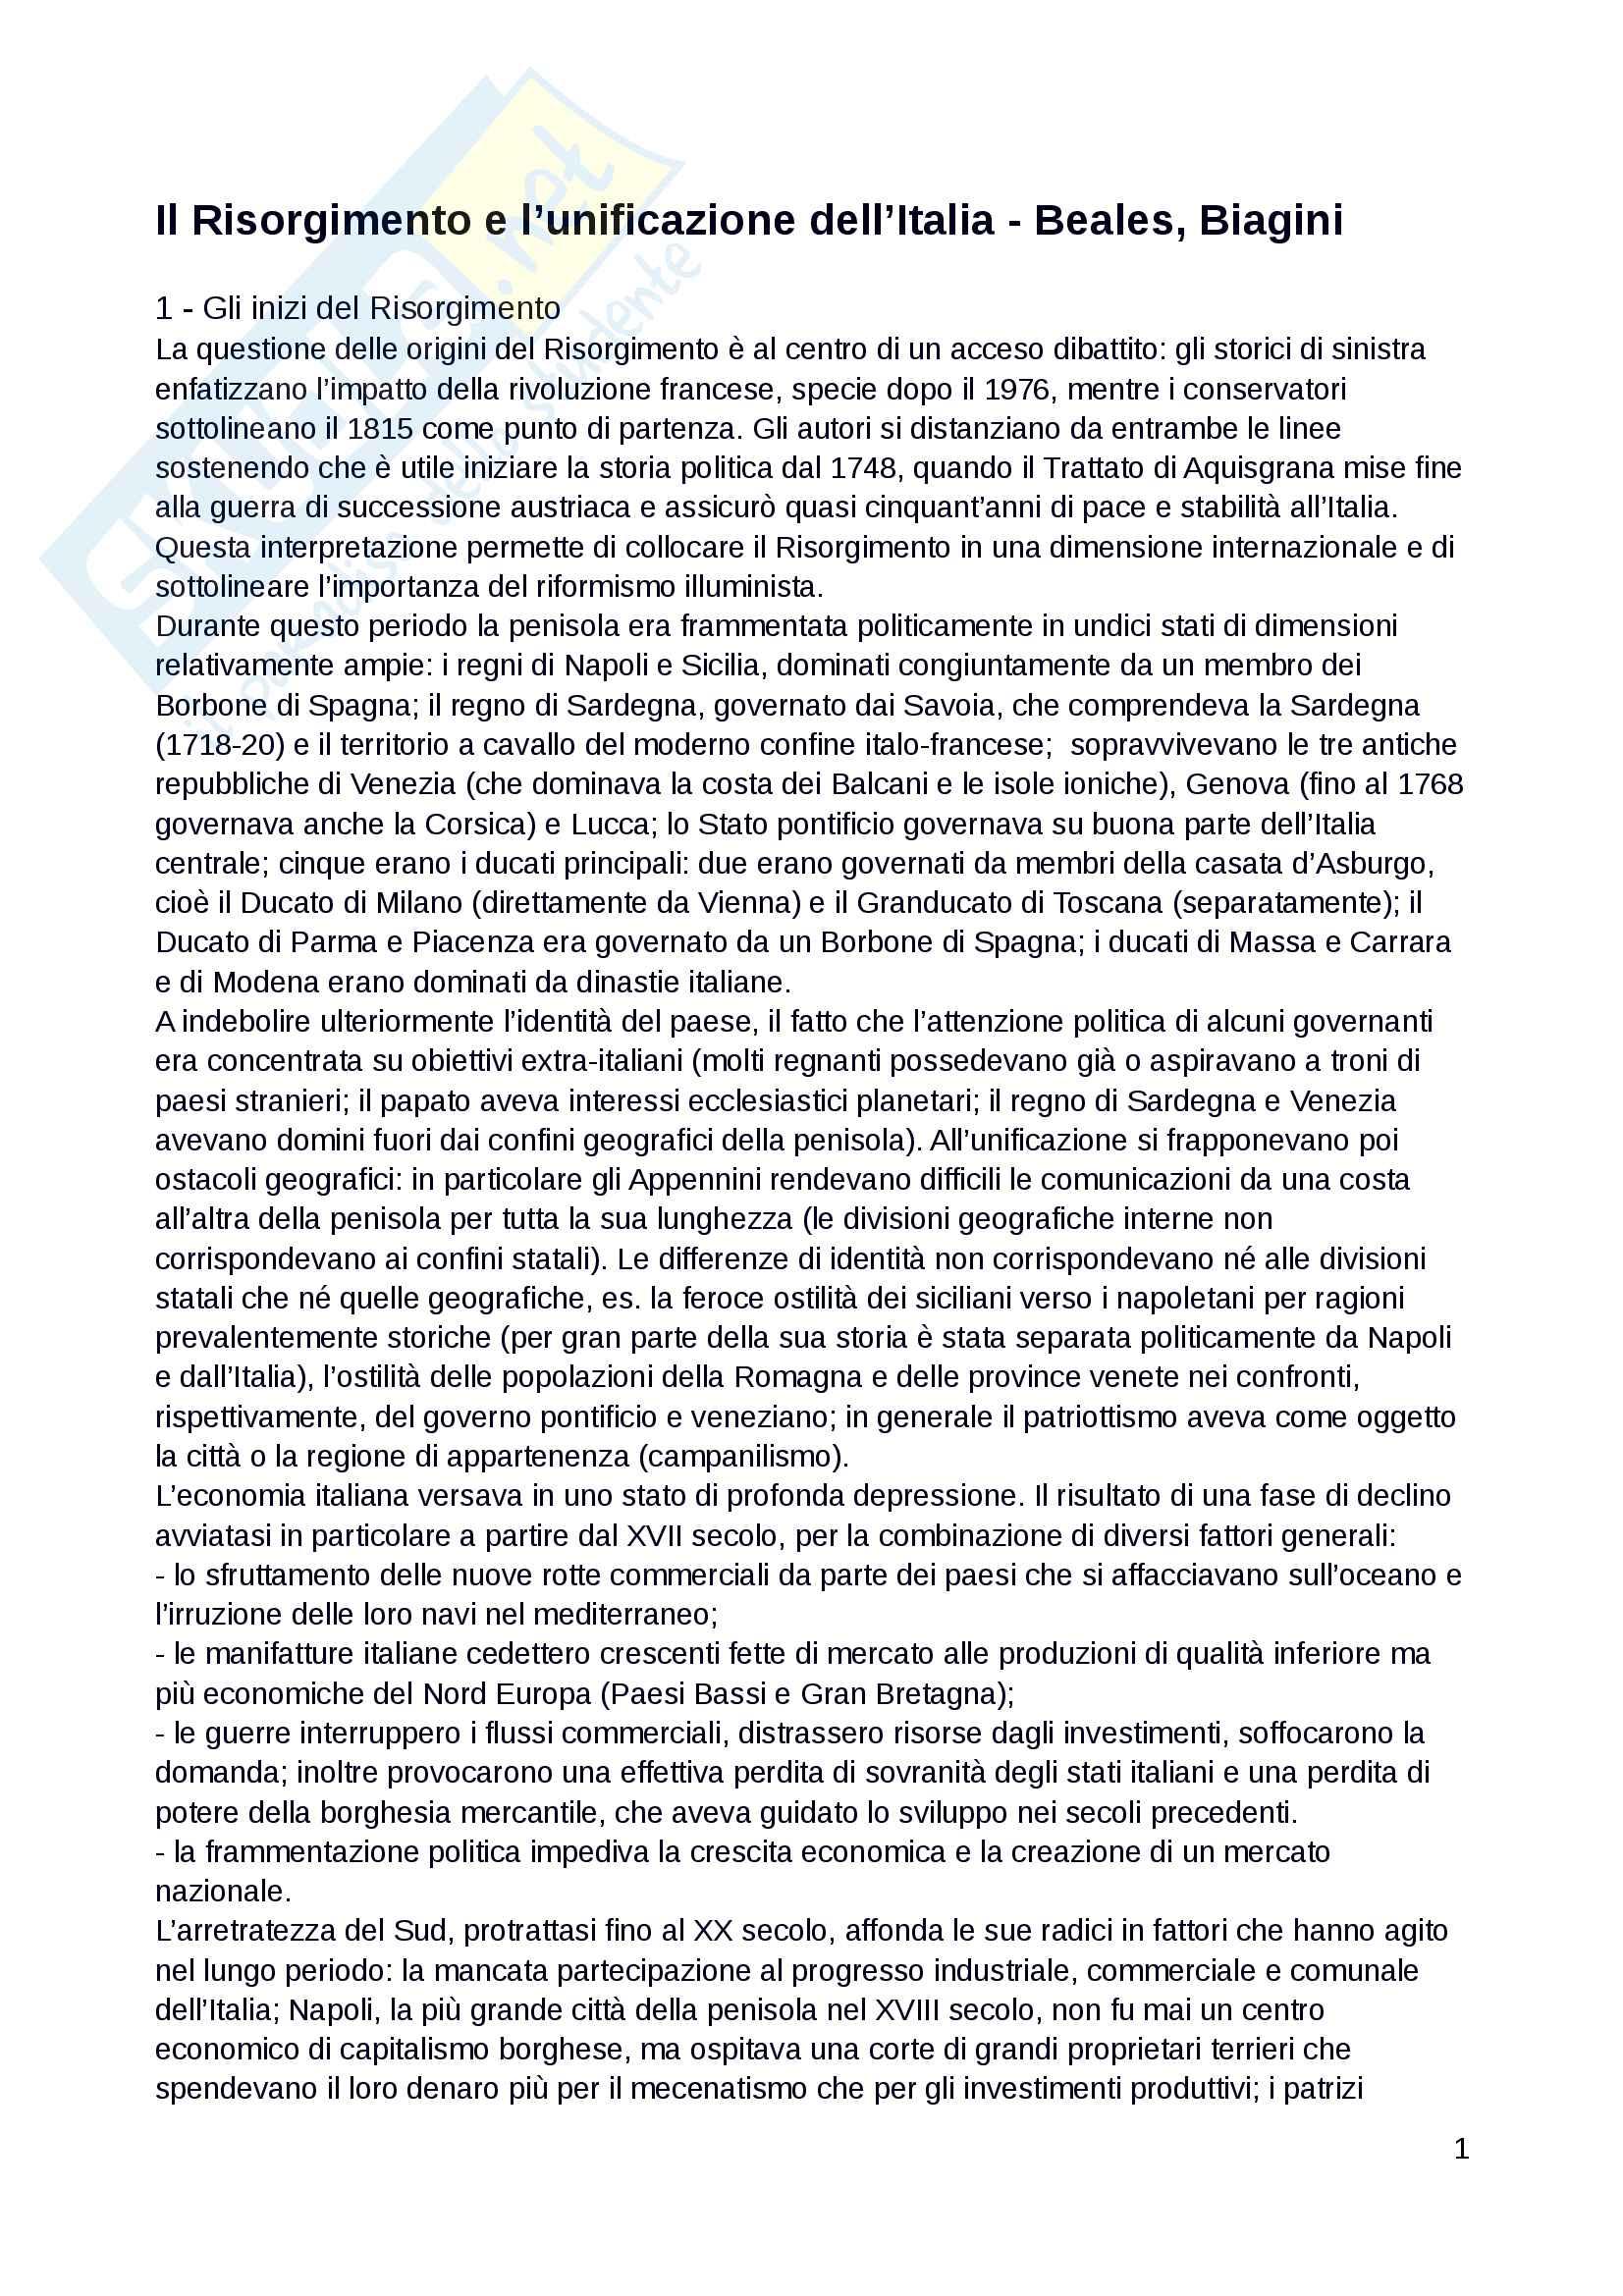 """Riassunto esame dell'esame di Storia del Risorgimento, docente Falco, libro consigliato: """"Il Risorgimento e l'unificazione dell'Italia"""", Beales, Biagini"""